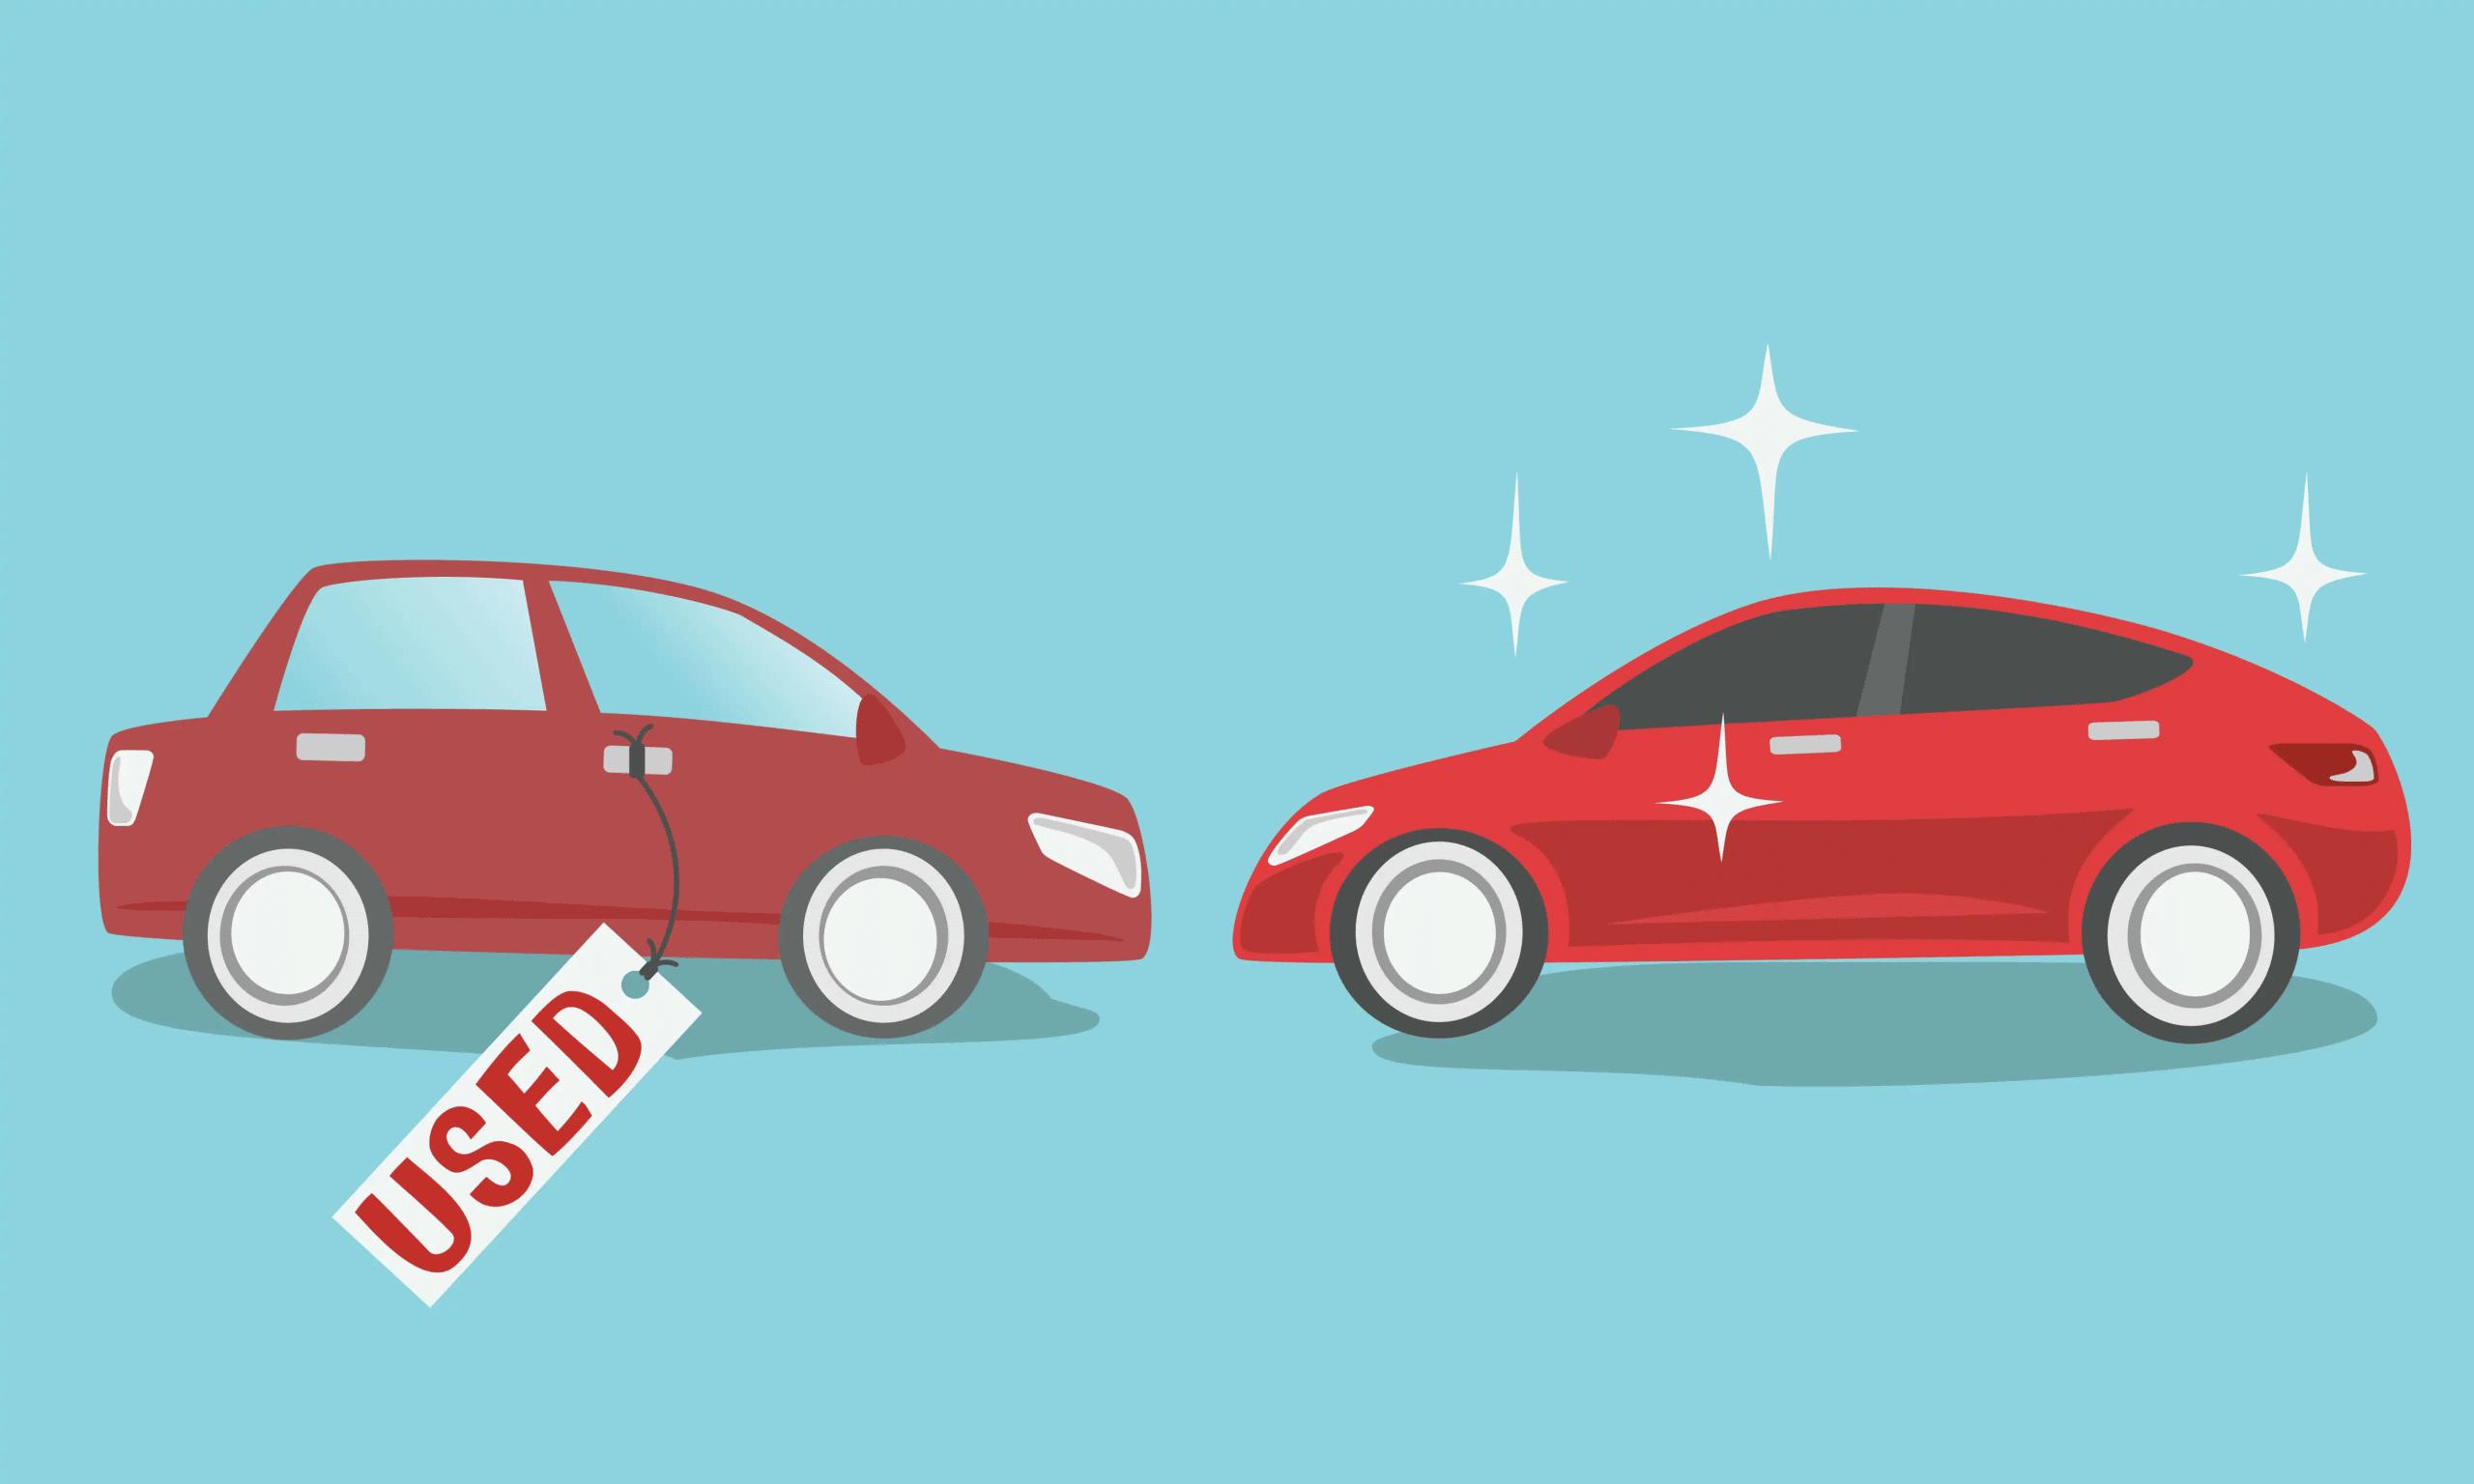 舊車換新車貨物稅減徵補助懶人包!(內文提供表格下載)